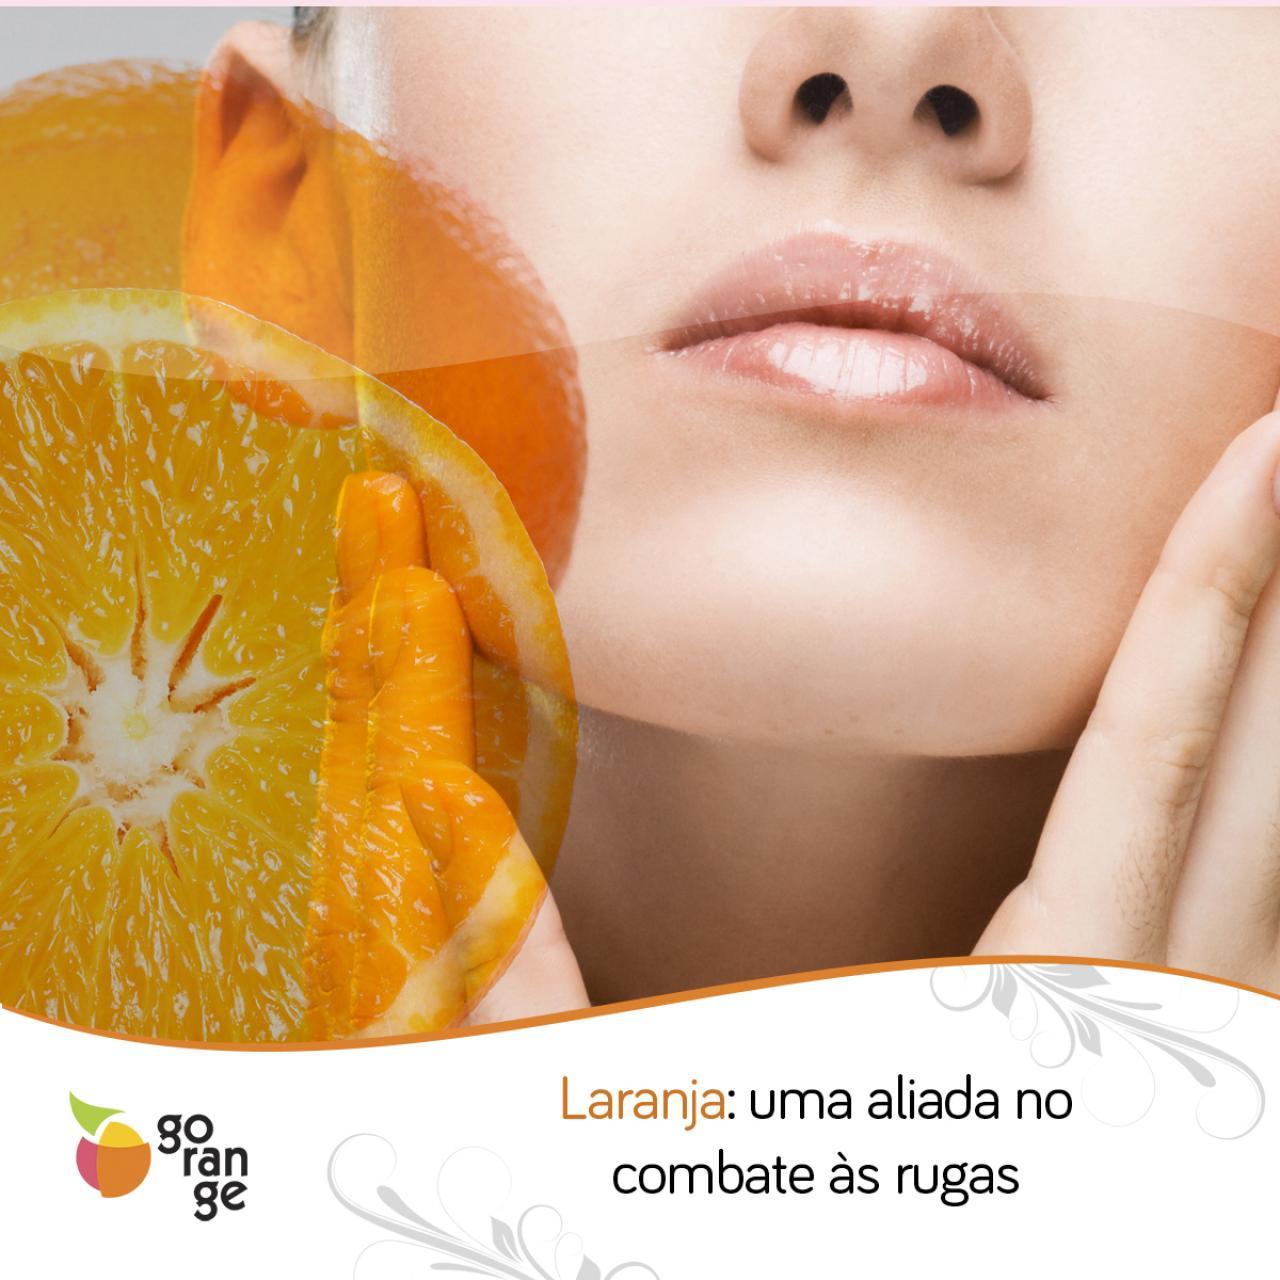 Combata as rugas com a laranja